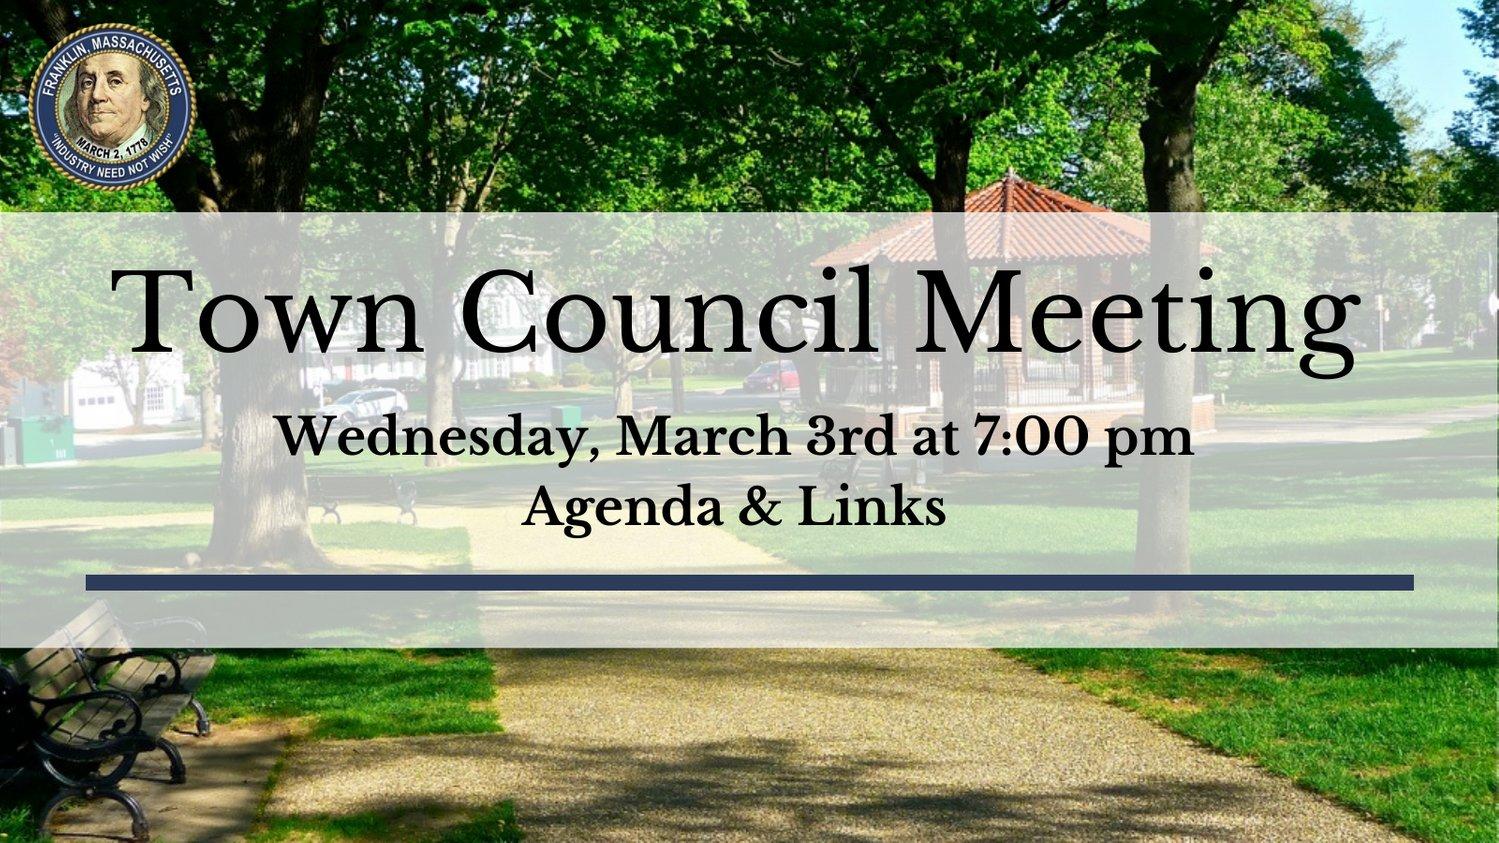 Franklin, MA: Town Council Meeting - Mar 3, 2021 - Agenda